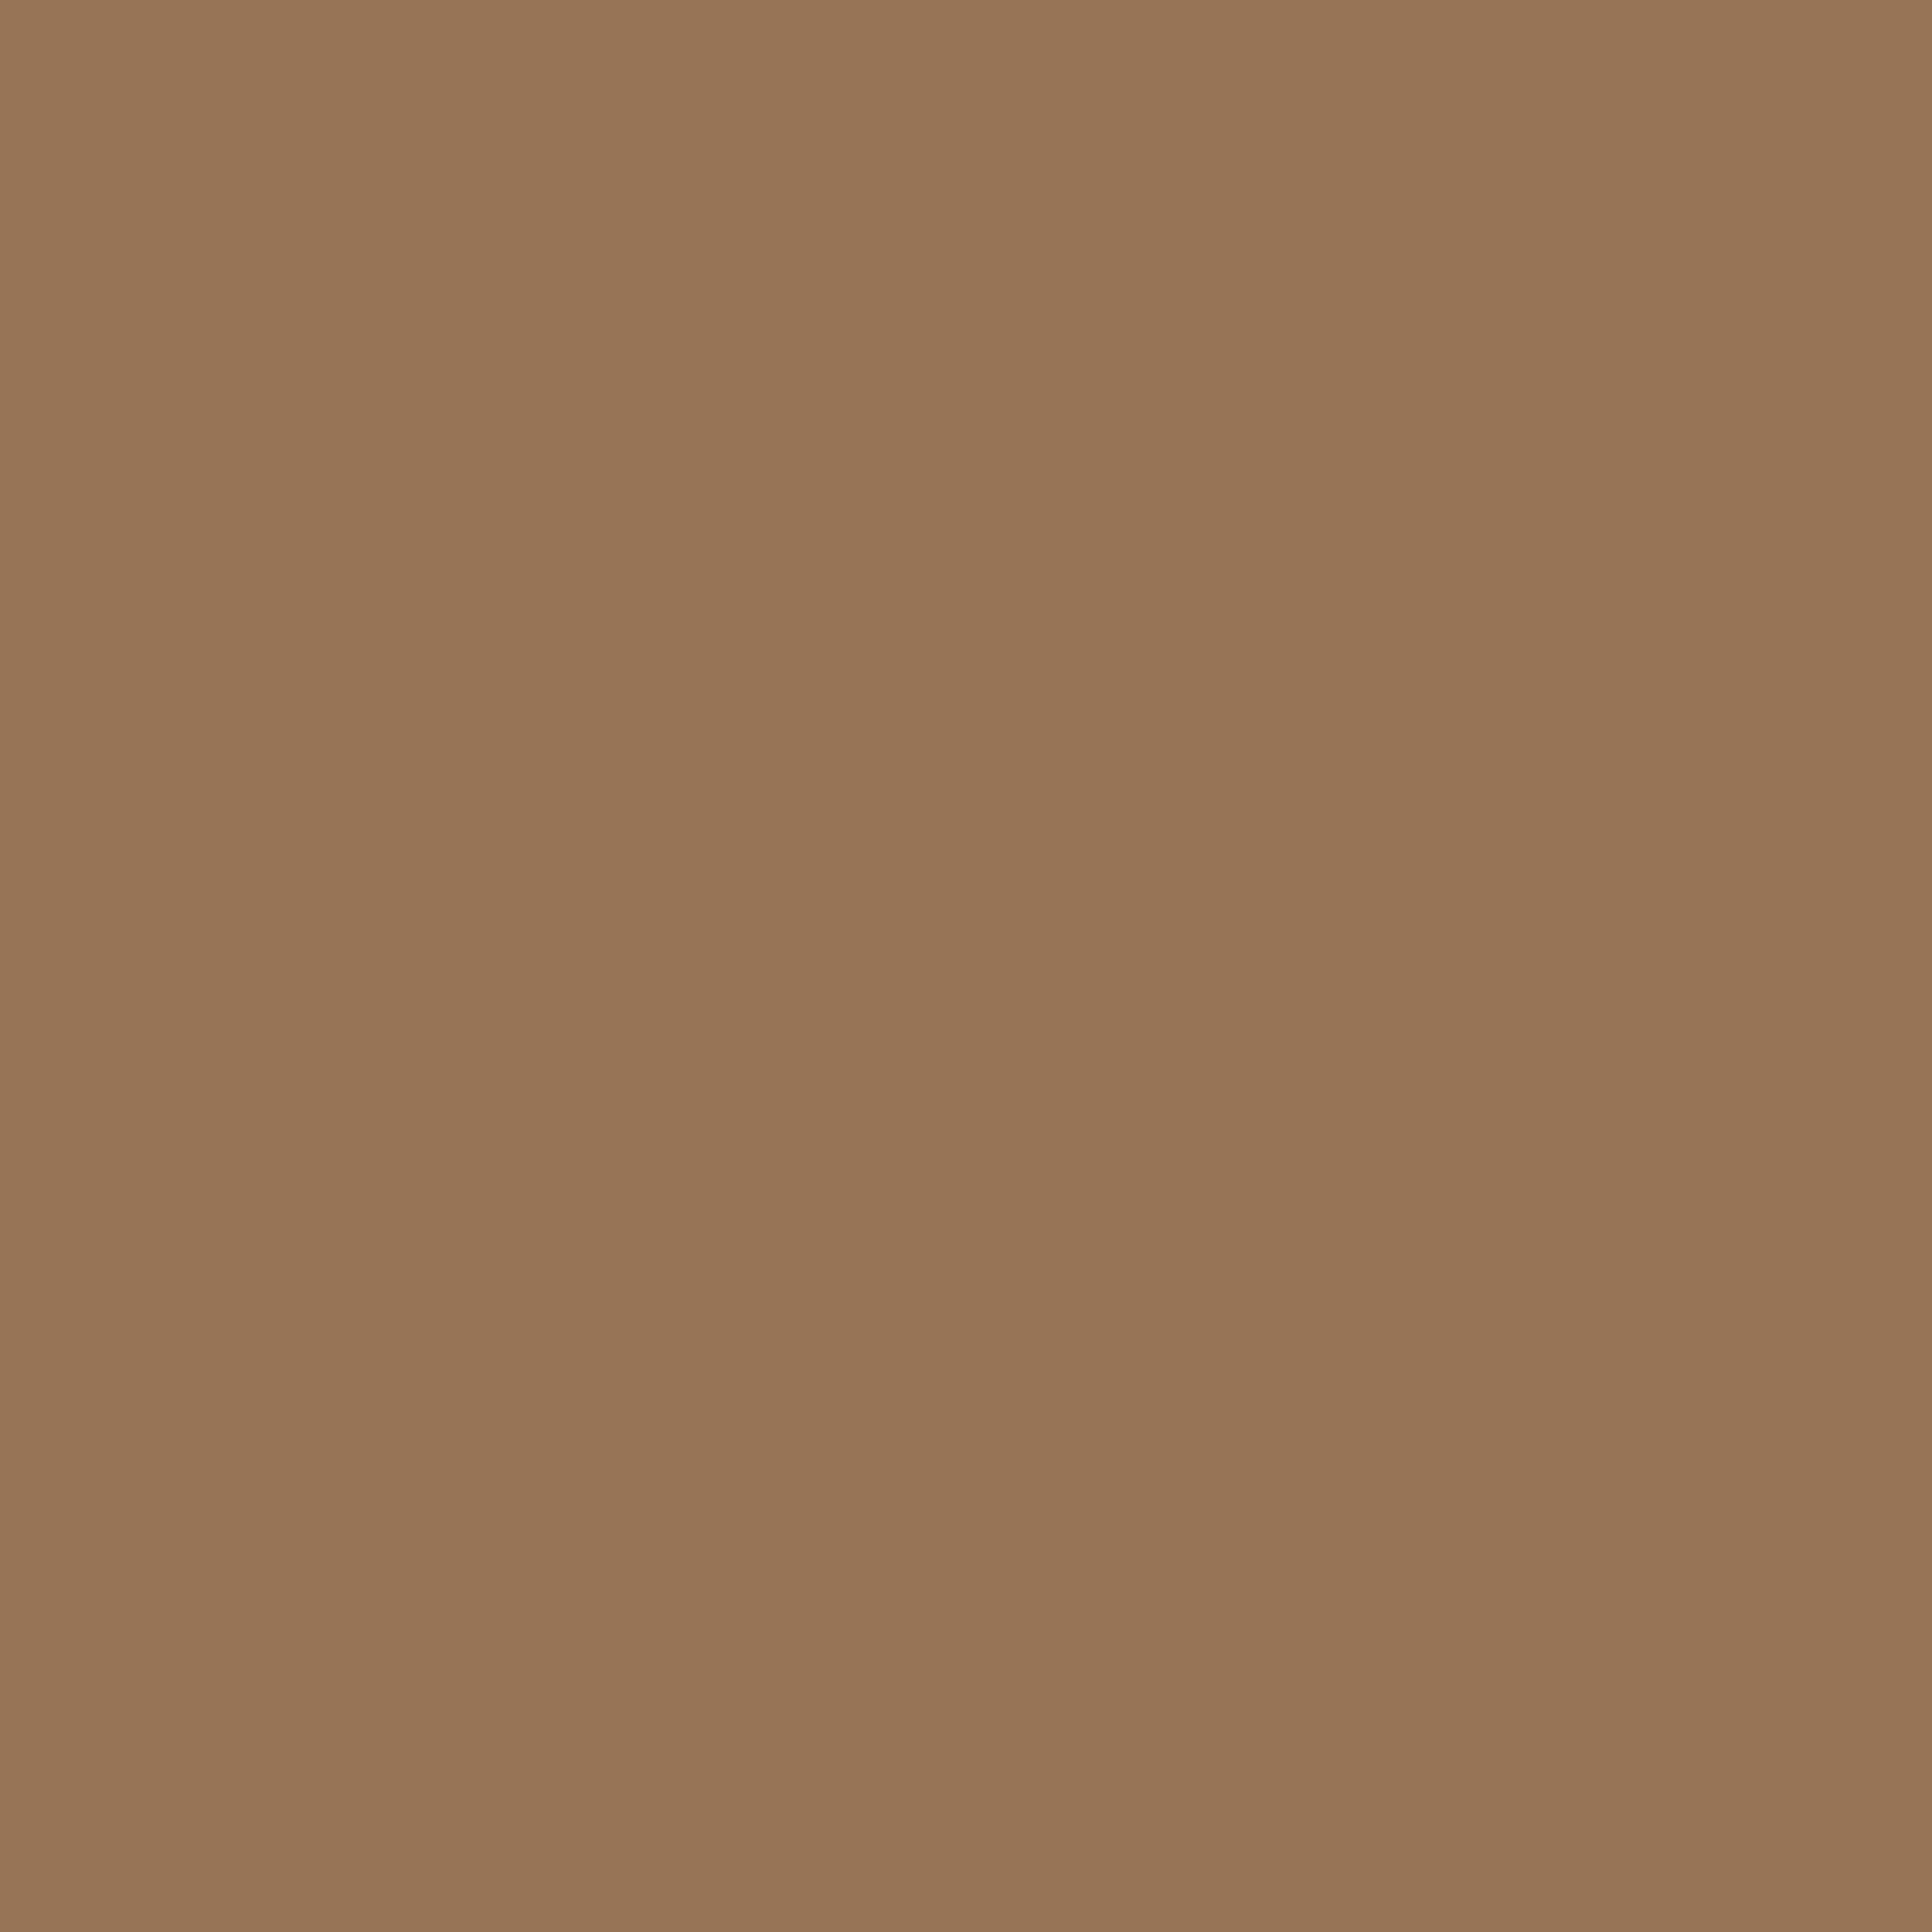 3600x3600 Liver Chestnut Solid Color Background